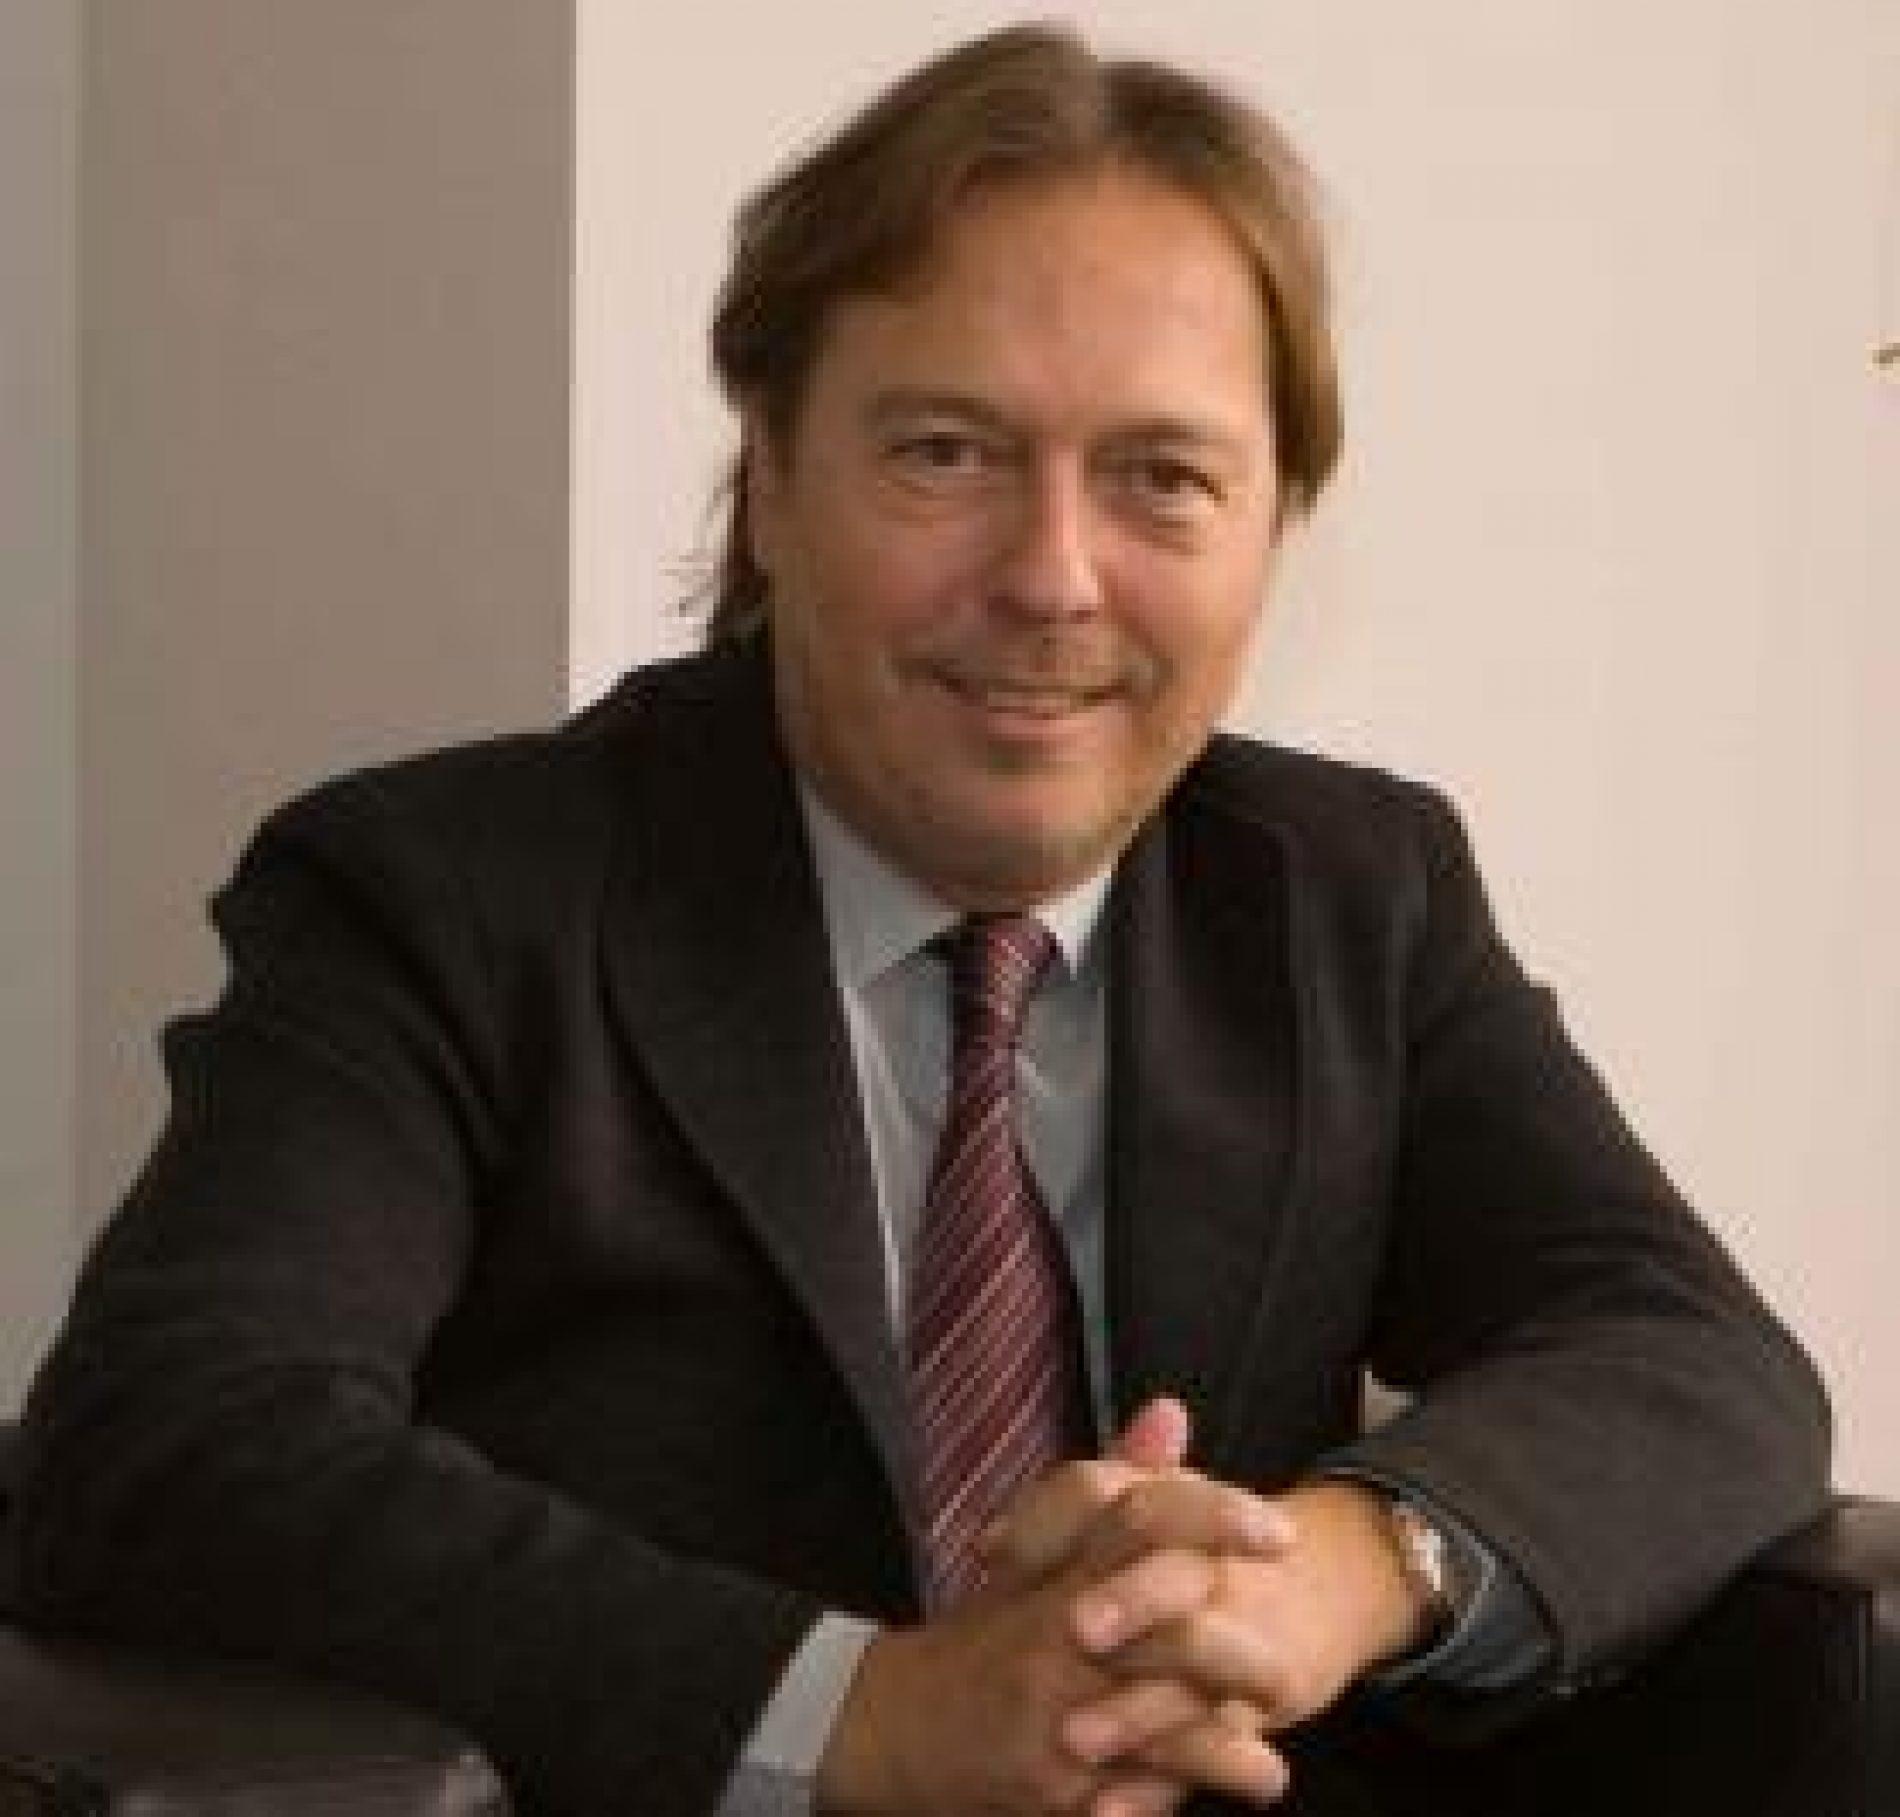 Presentación a cargo de Josep Santacreu